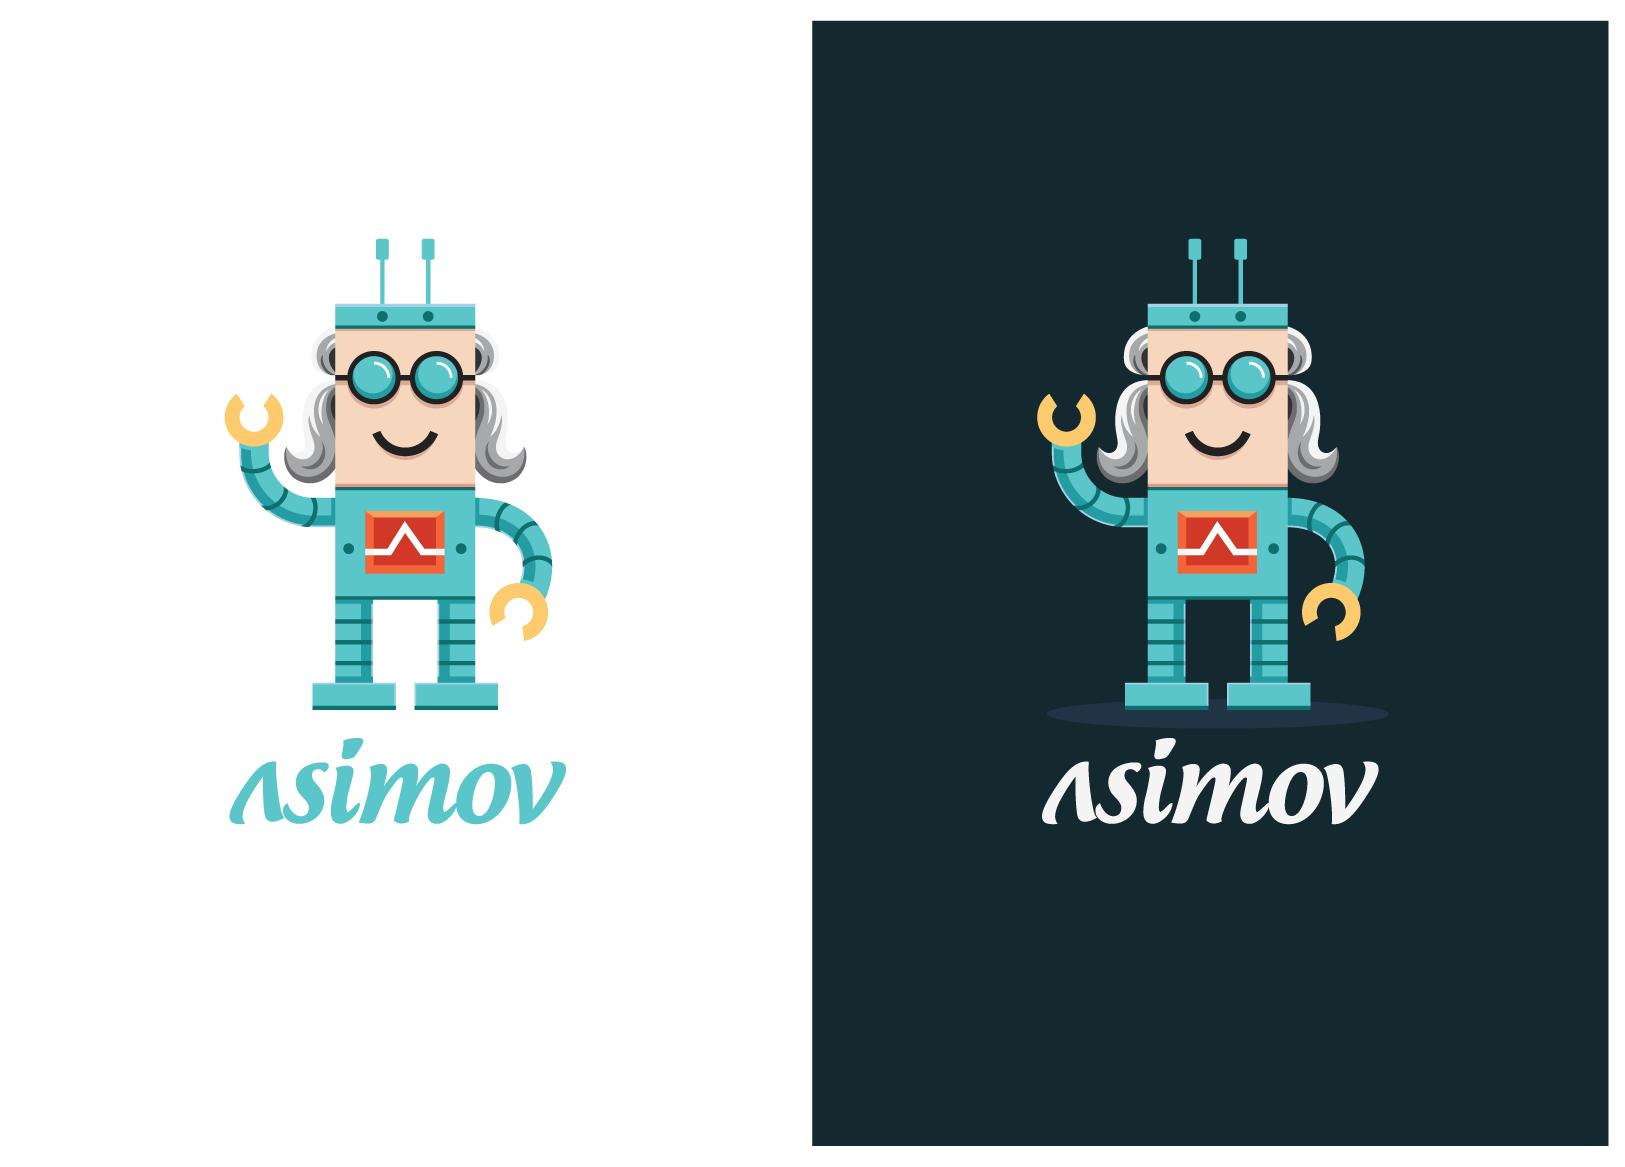 Create a fun friendly robot logo for the Asimov project